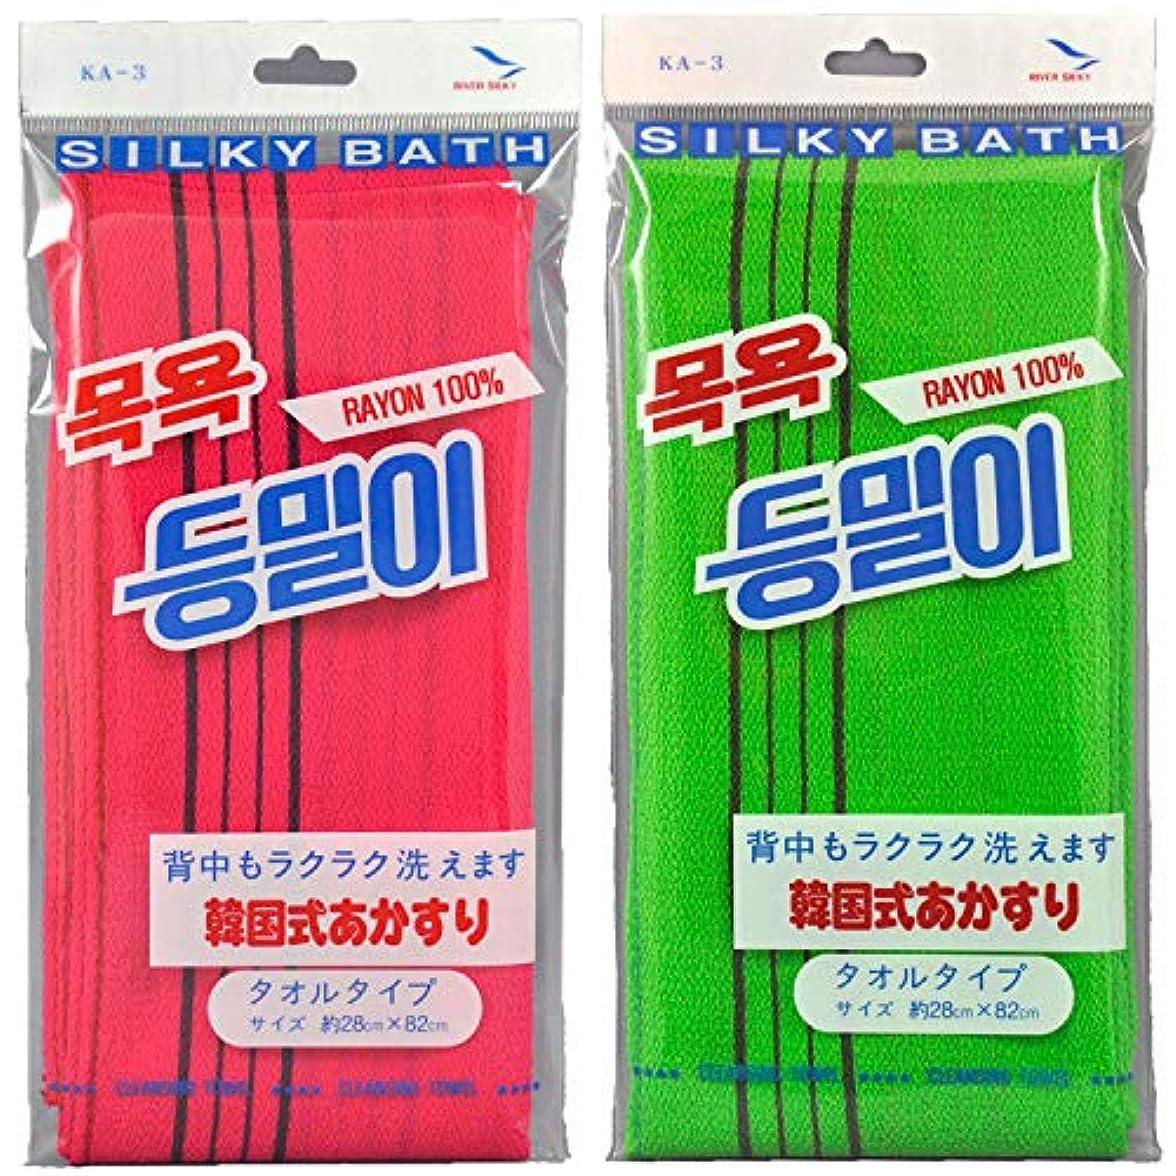 開発するアレルギー性エキゾチックキヌガワカンパニー ボディタオル グリーン/レッド - 韓国発 韓国式あかすり タオル 2色組 KA-3 2色入